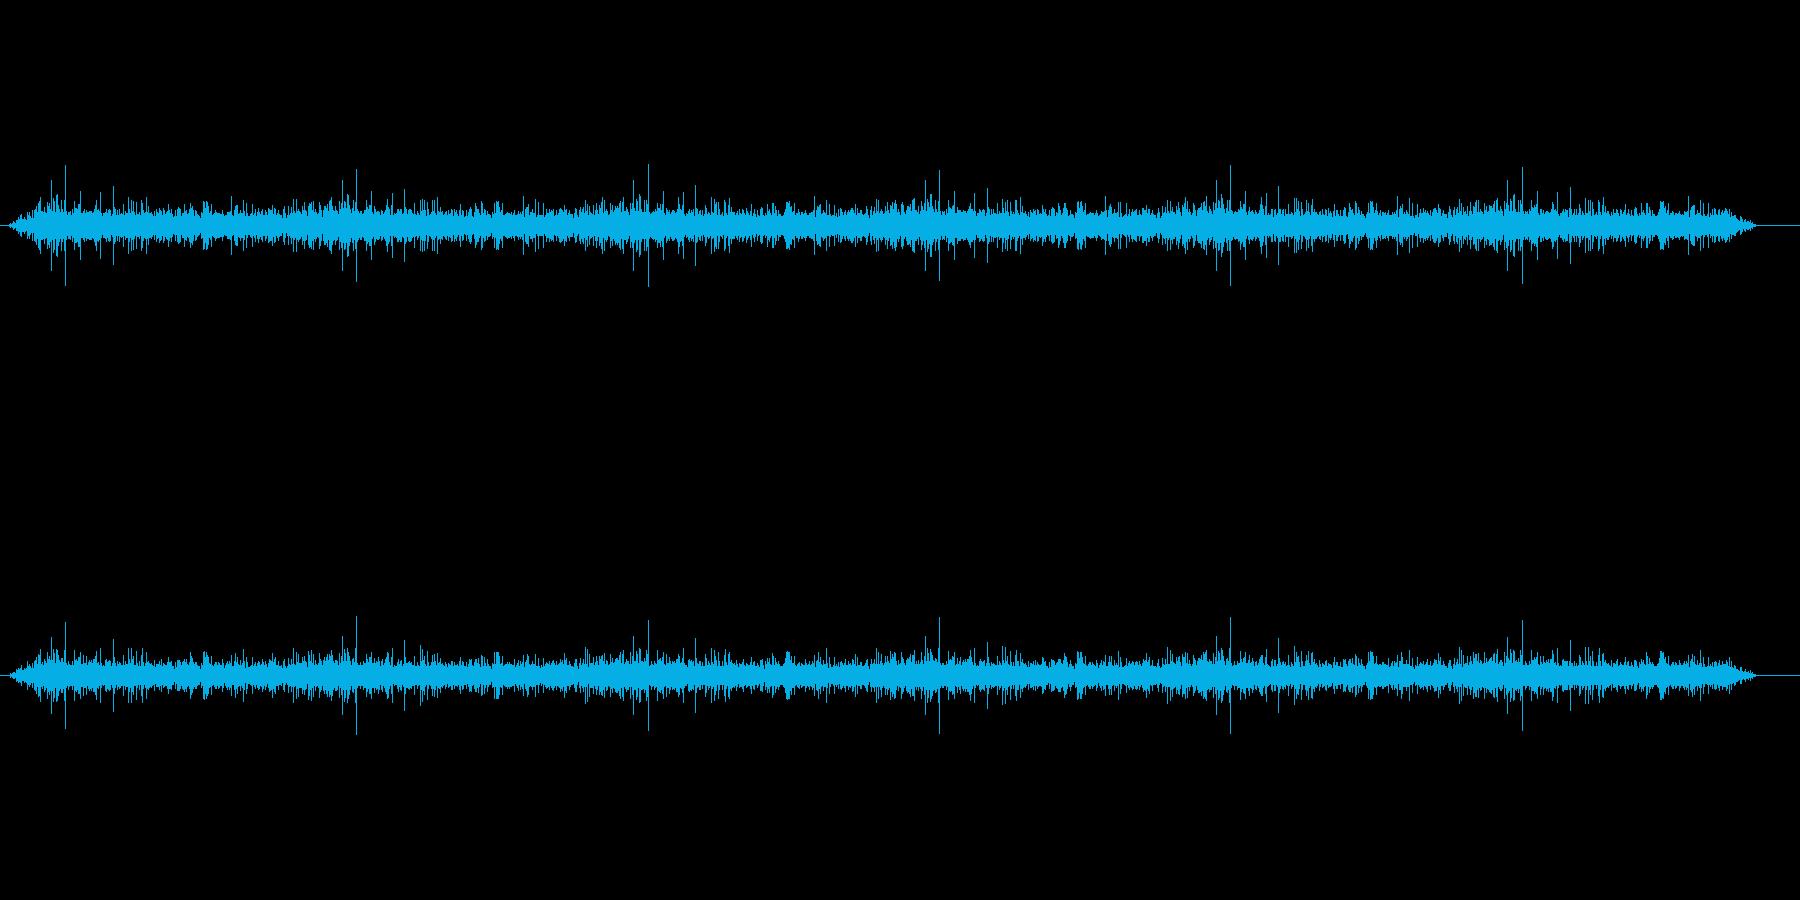 【録音】トイレ流水音1分(フェードイン)の再生済みの波形